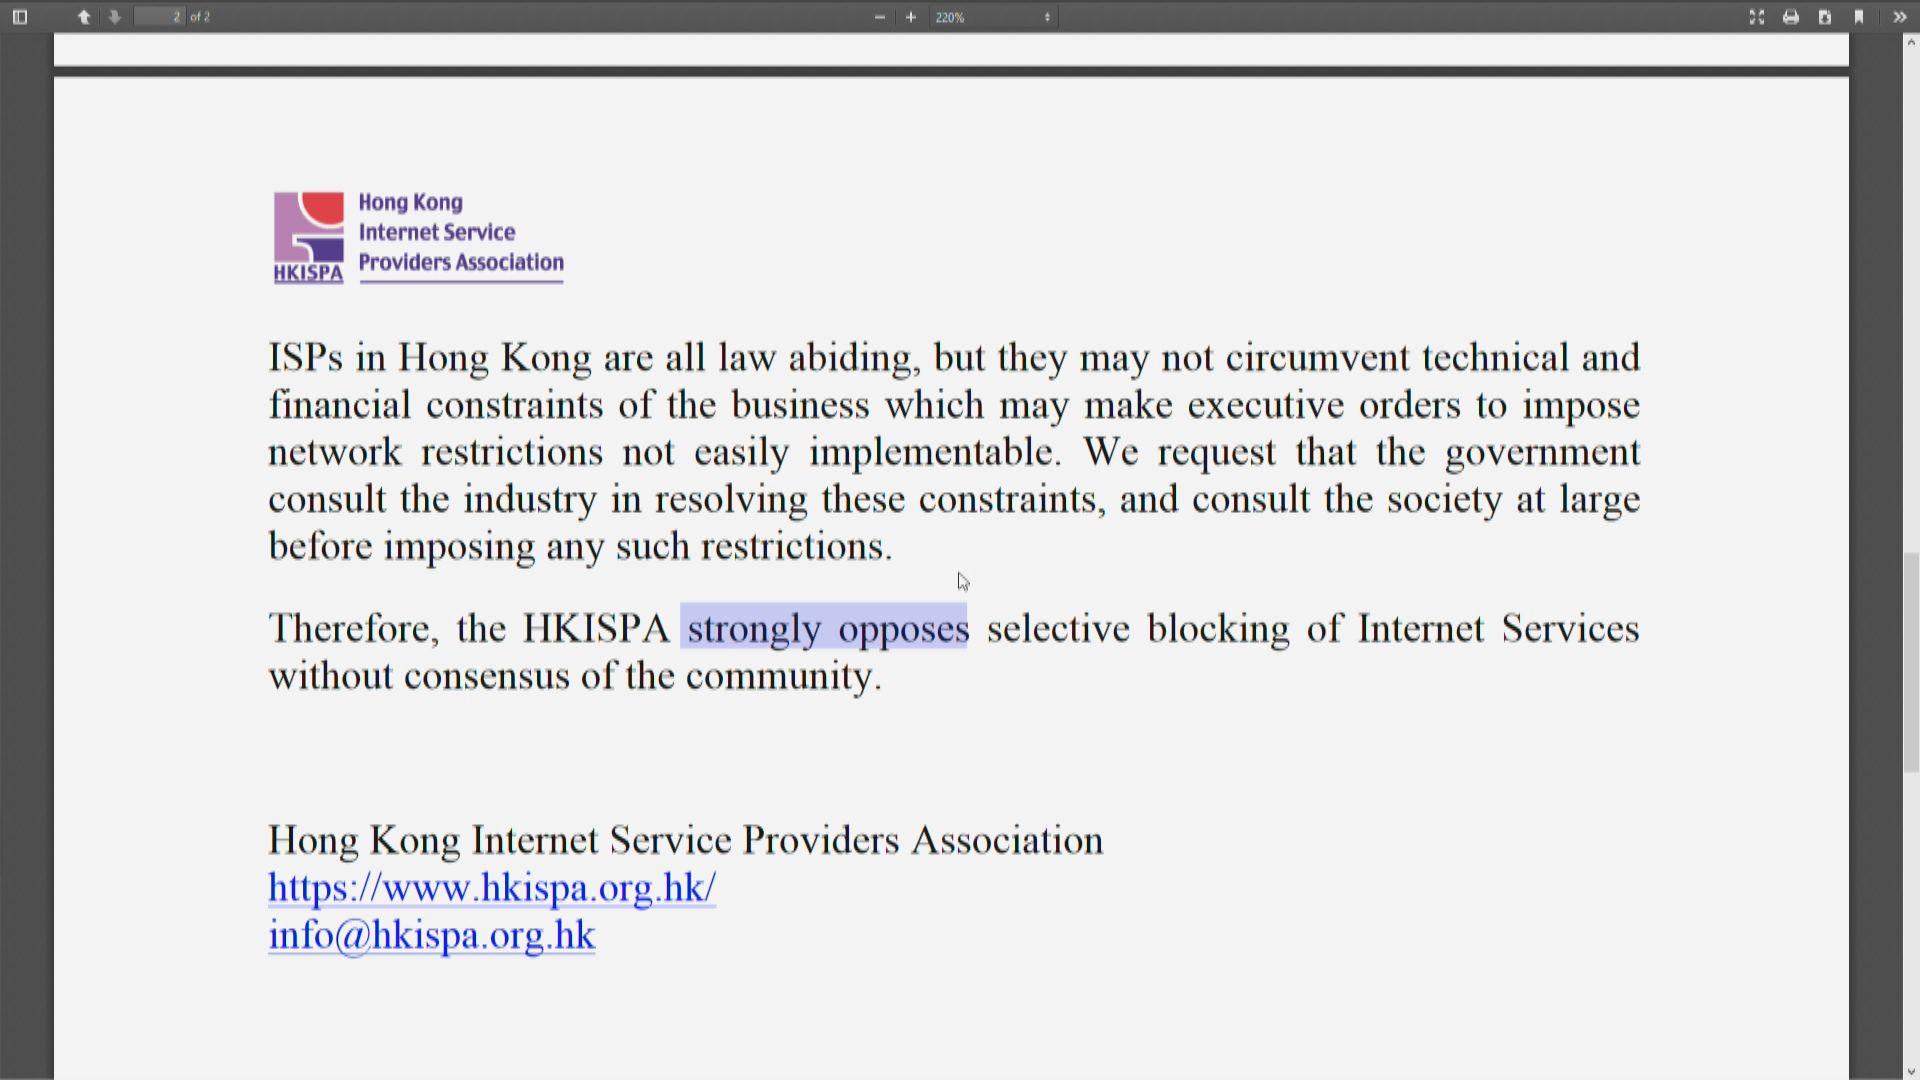 互聯網供應商協會強烈反對限制互聯網服務